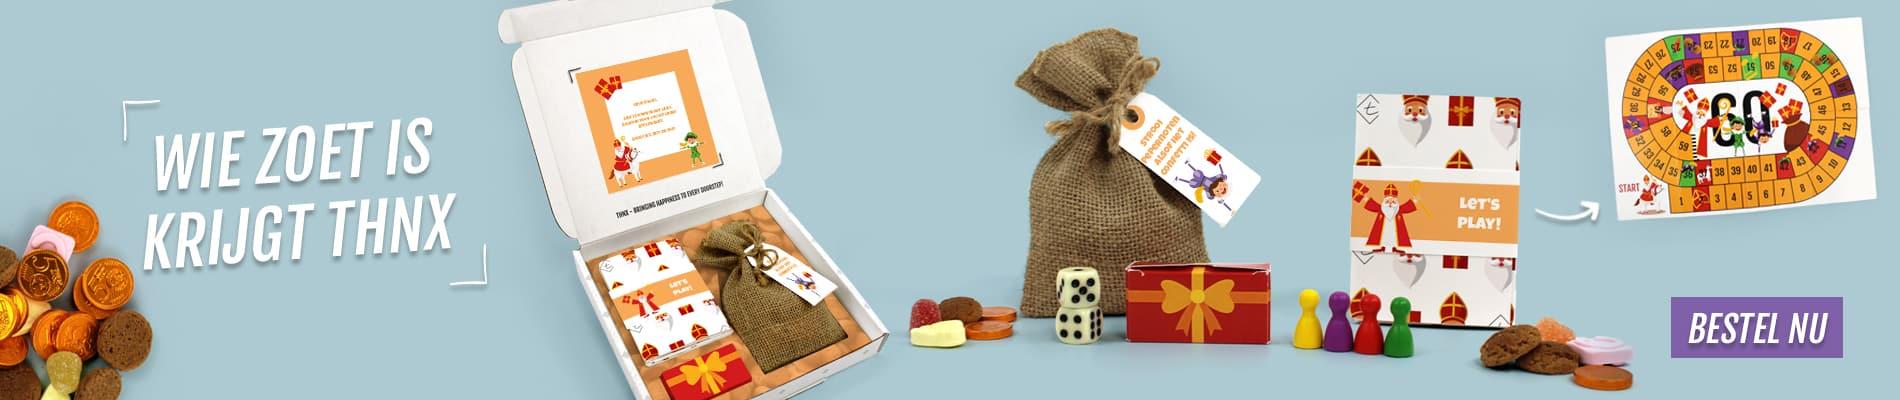 Brievenbuspakketje Sinterklaas Pakjesavond Ganzenbord Spelpakket Jute zak met Pepernoten Sinterklaassnoepgoed